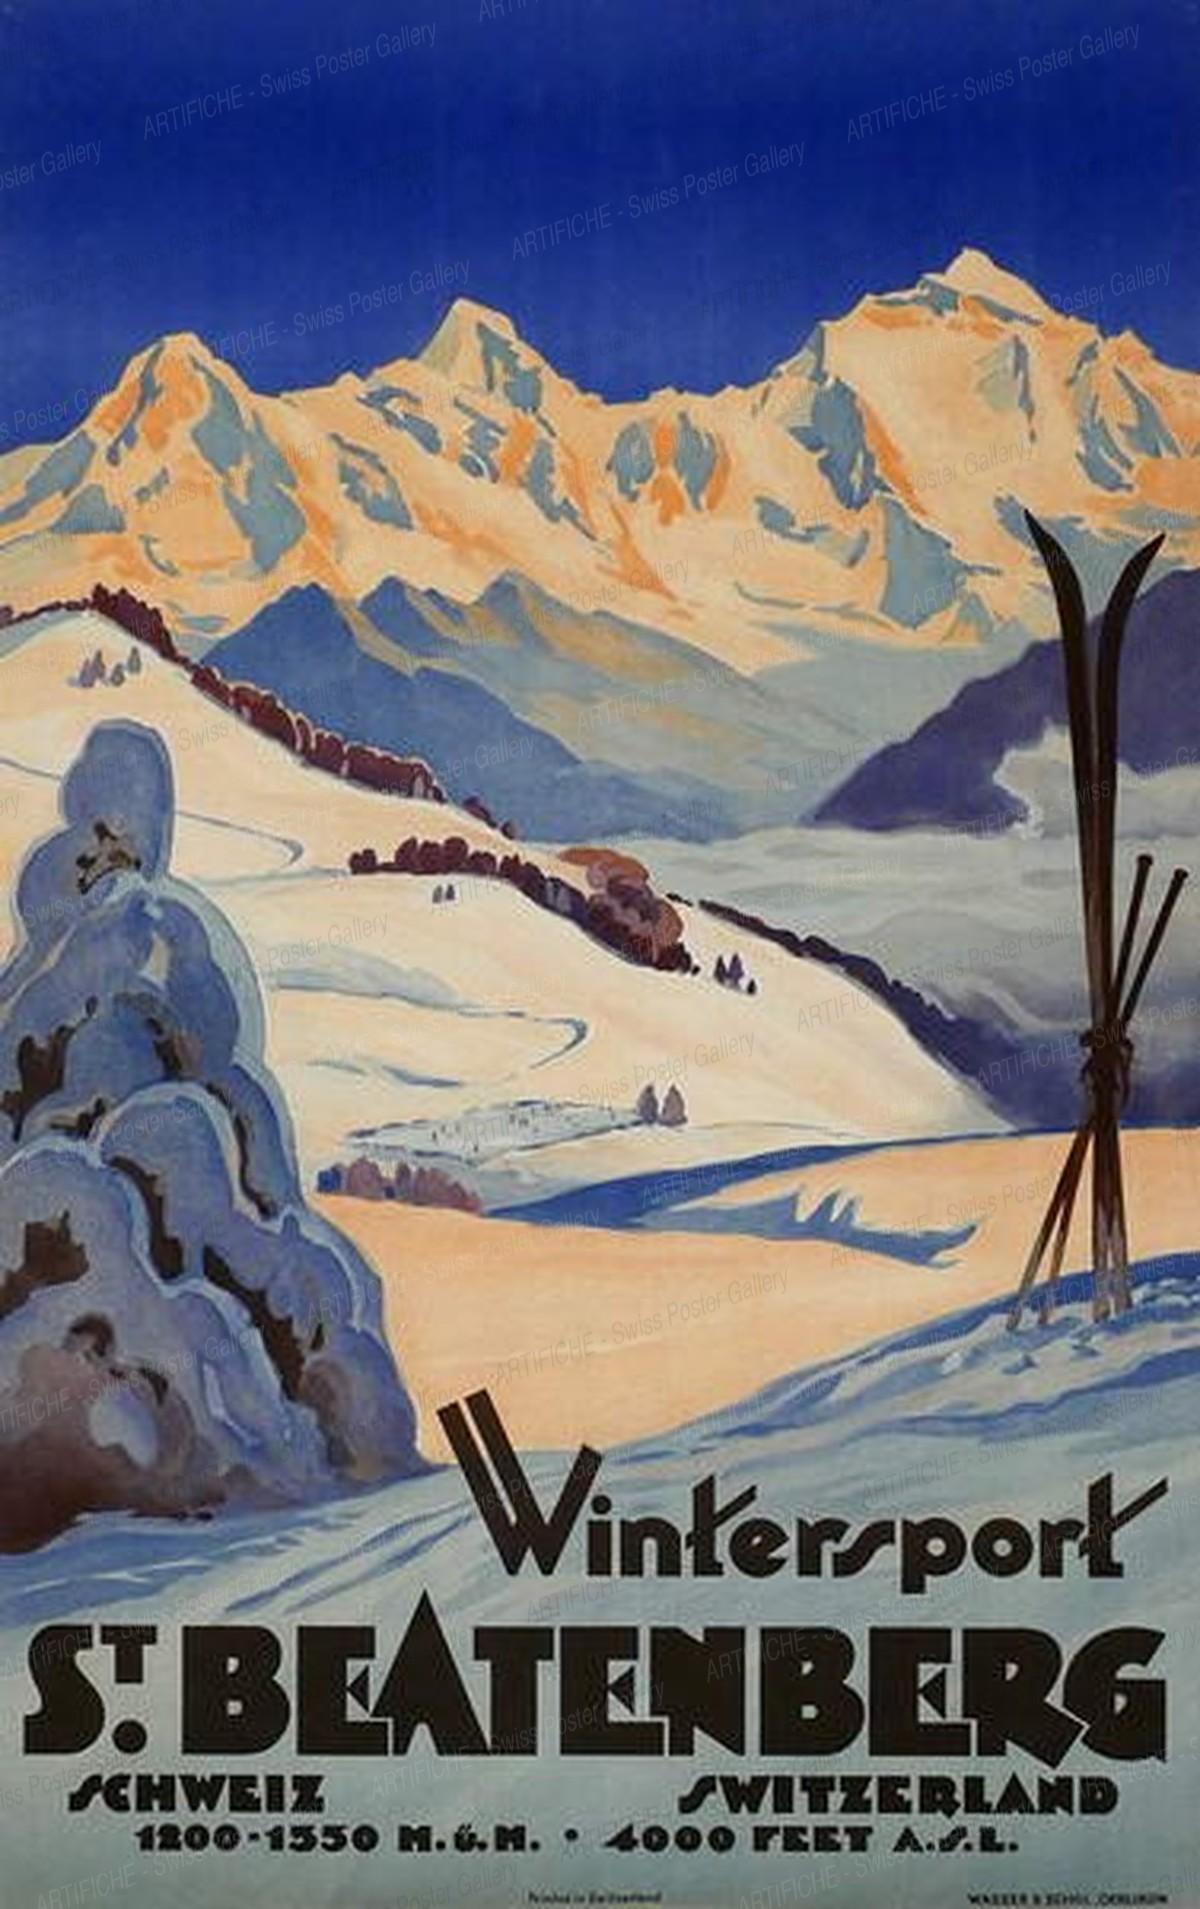 Wintersport St. Beatenberg Schweiz Switzerland, Artist unknown